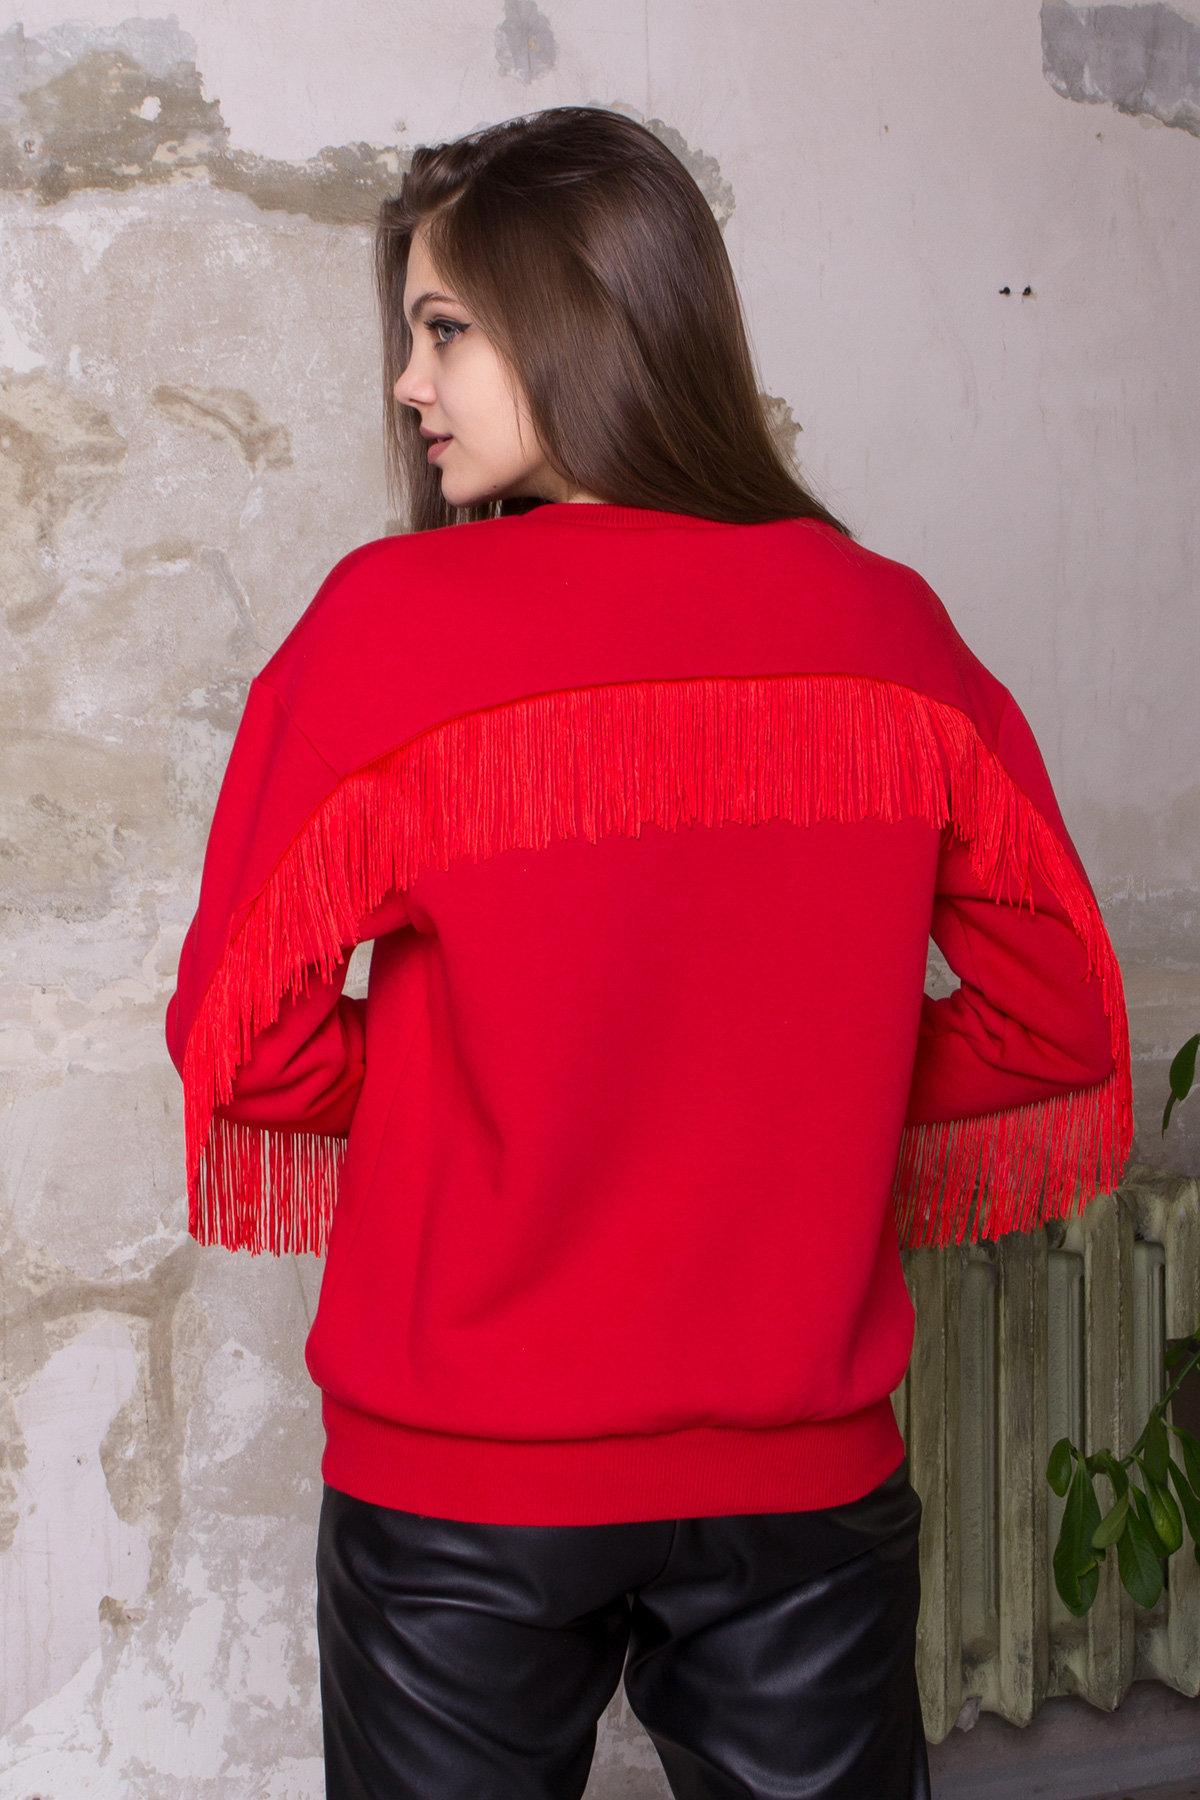 Стильный свитшот из трикотажа Джава 8706 АРТ. 45106 Цвет: Красный - фото 4, интернет магазин tm-modus.ru